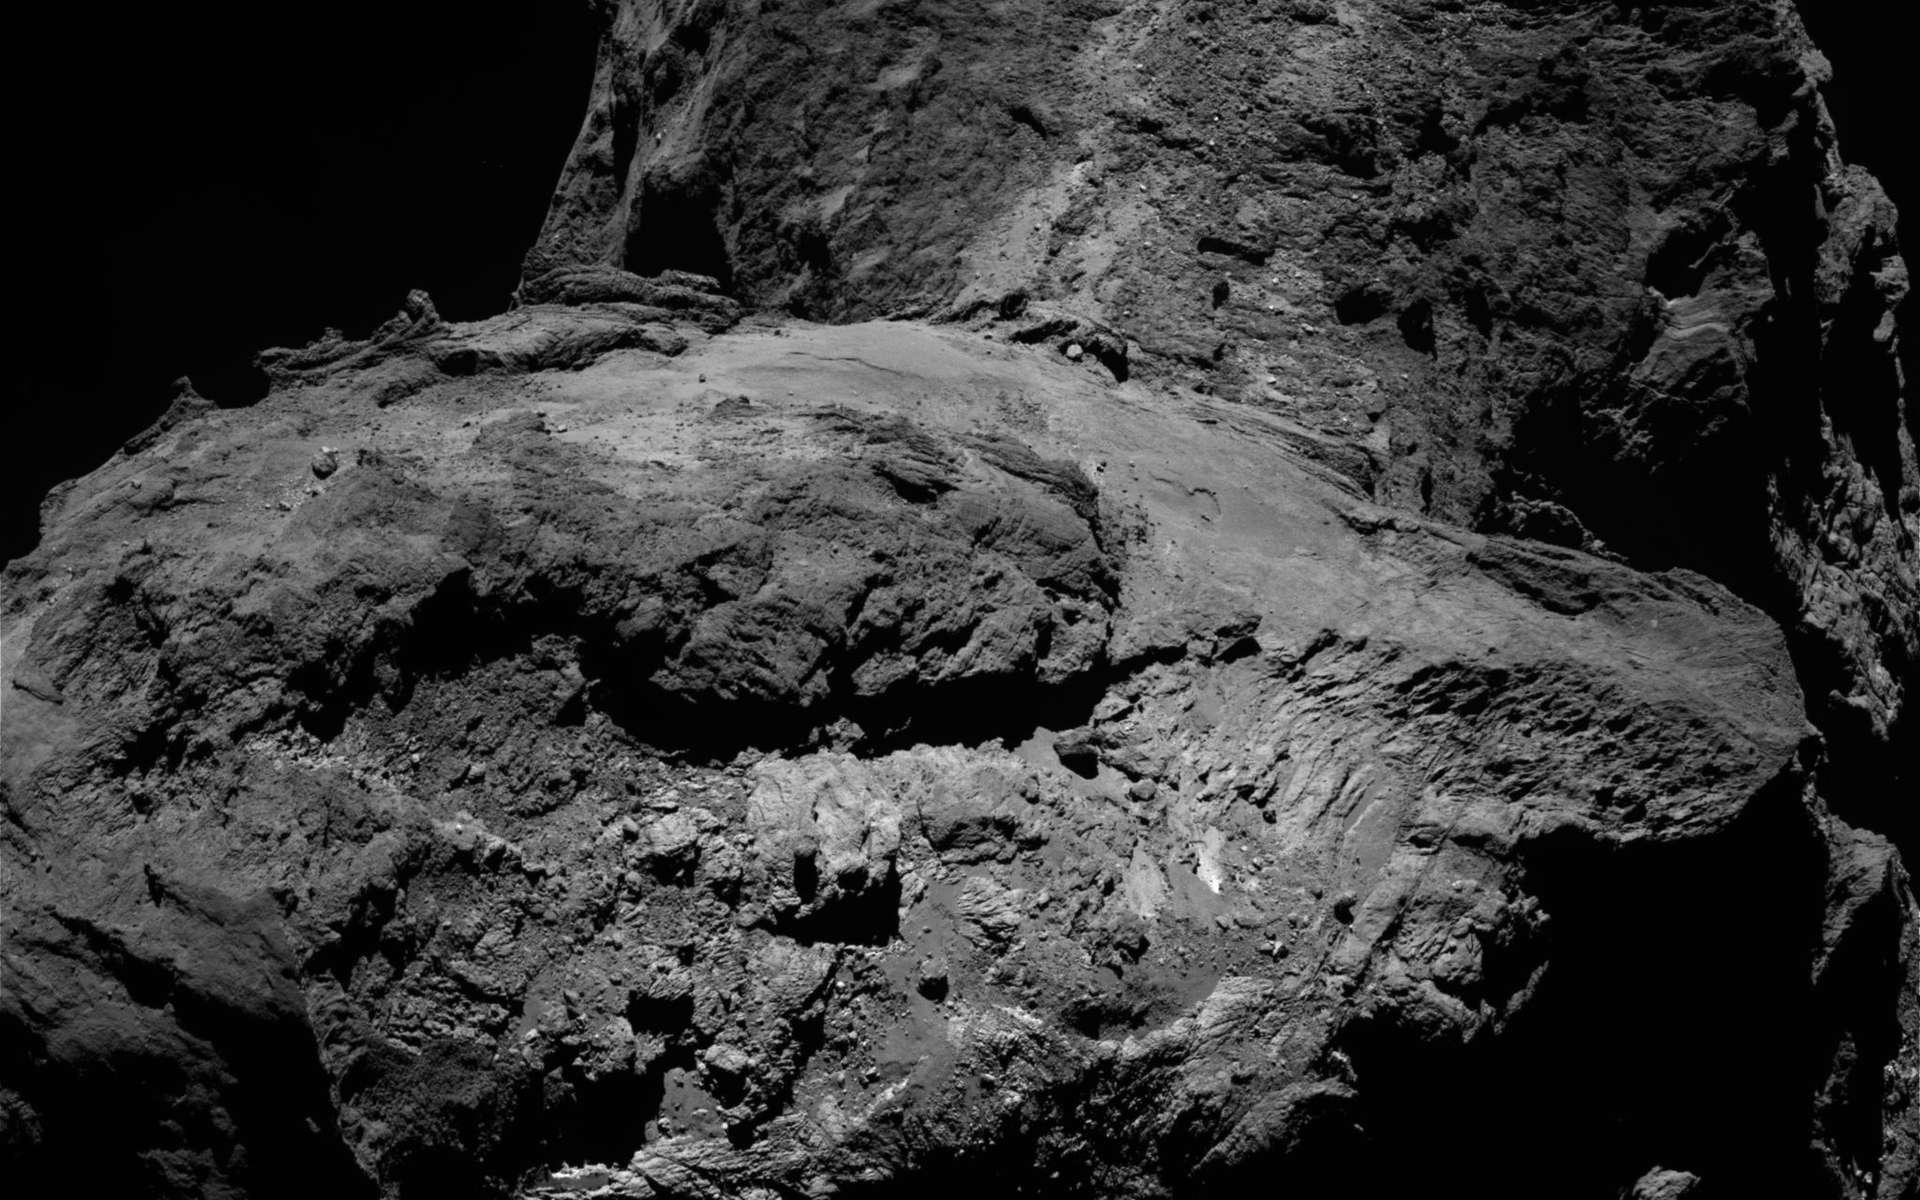 Le noyau sombre de la comète 67P/Tchouryumov-Gerasimenko photographié par Rosetta le 23 janvier 2016 à 75 km de distance. © Esa, Rosetta, NavCam – CC BY-SA IGO 3.0